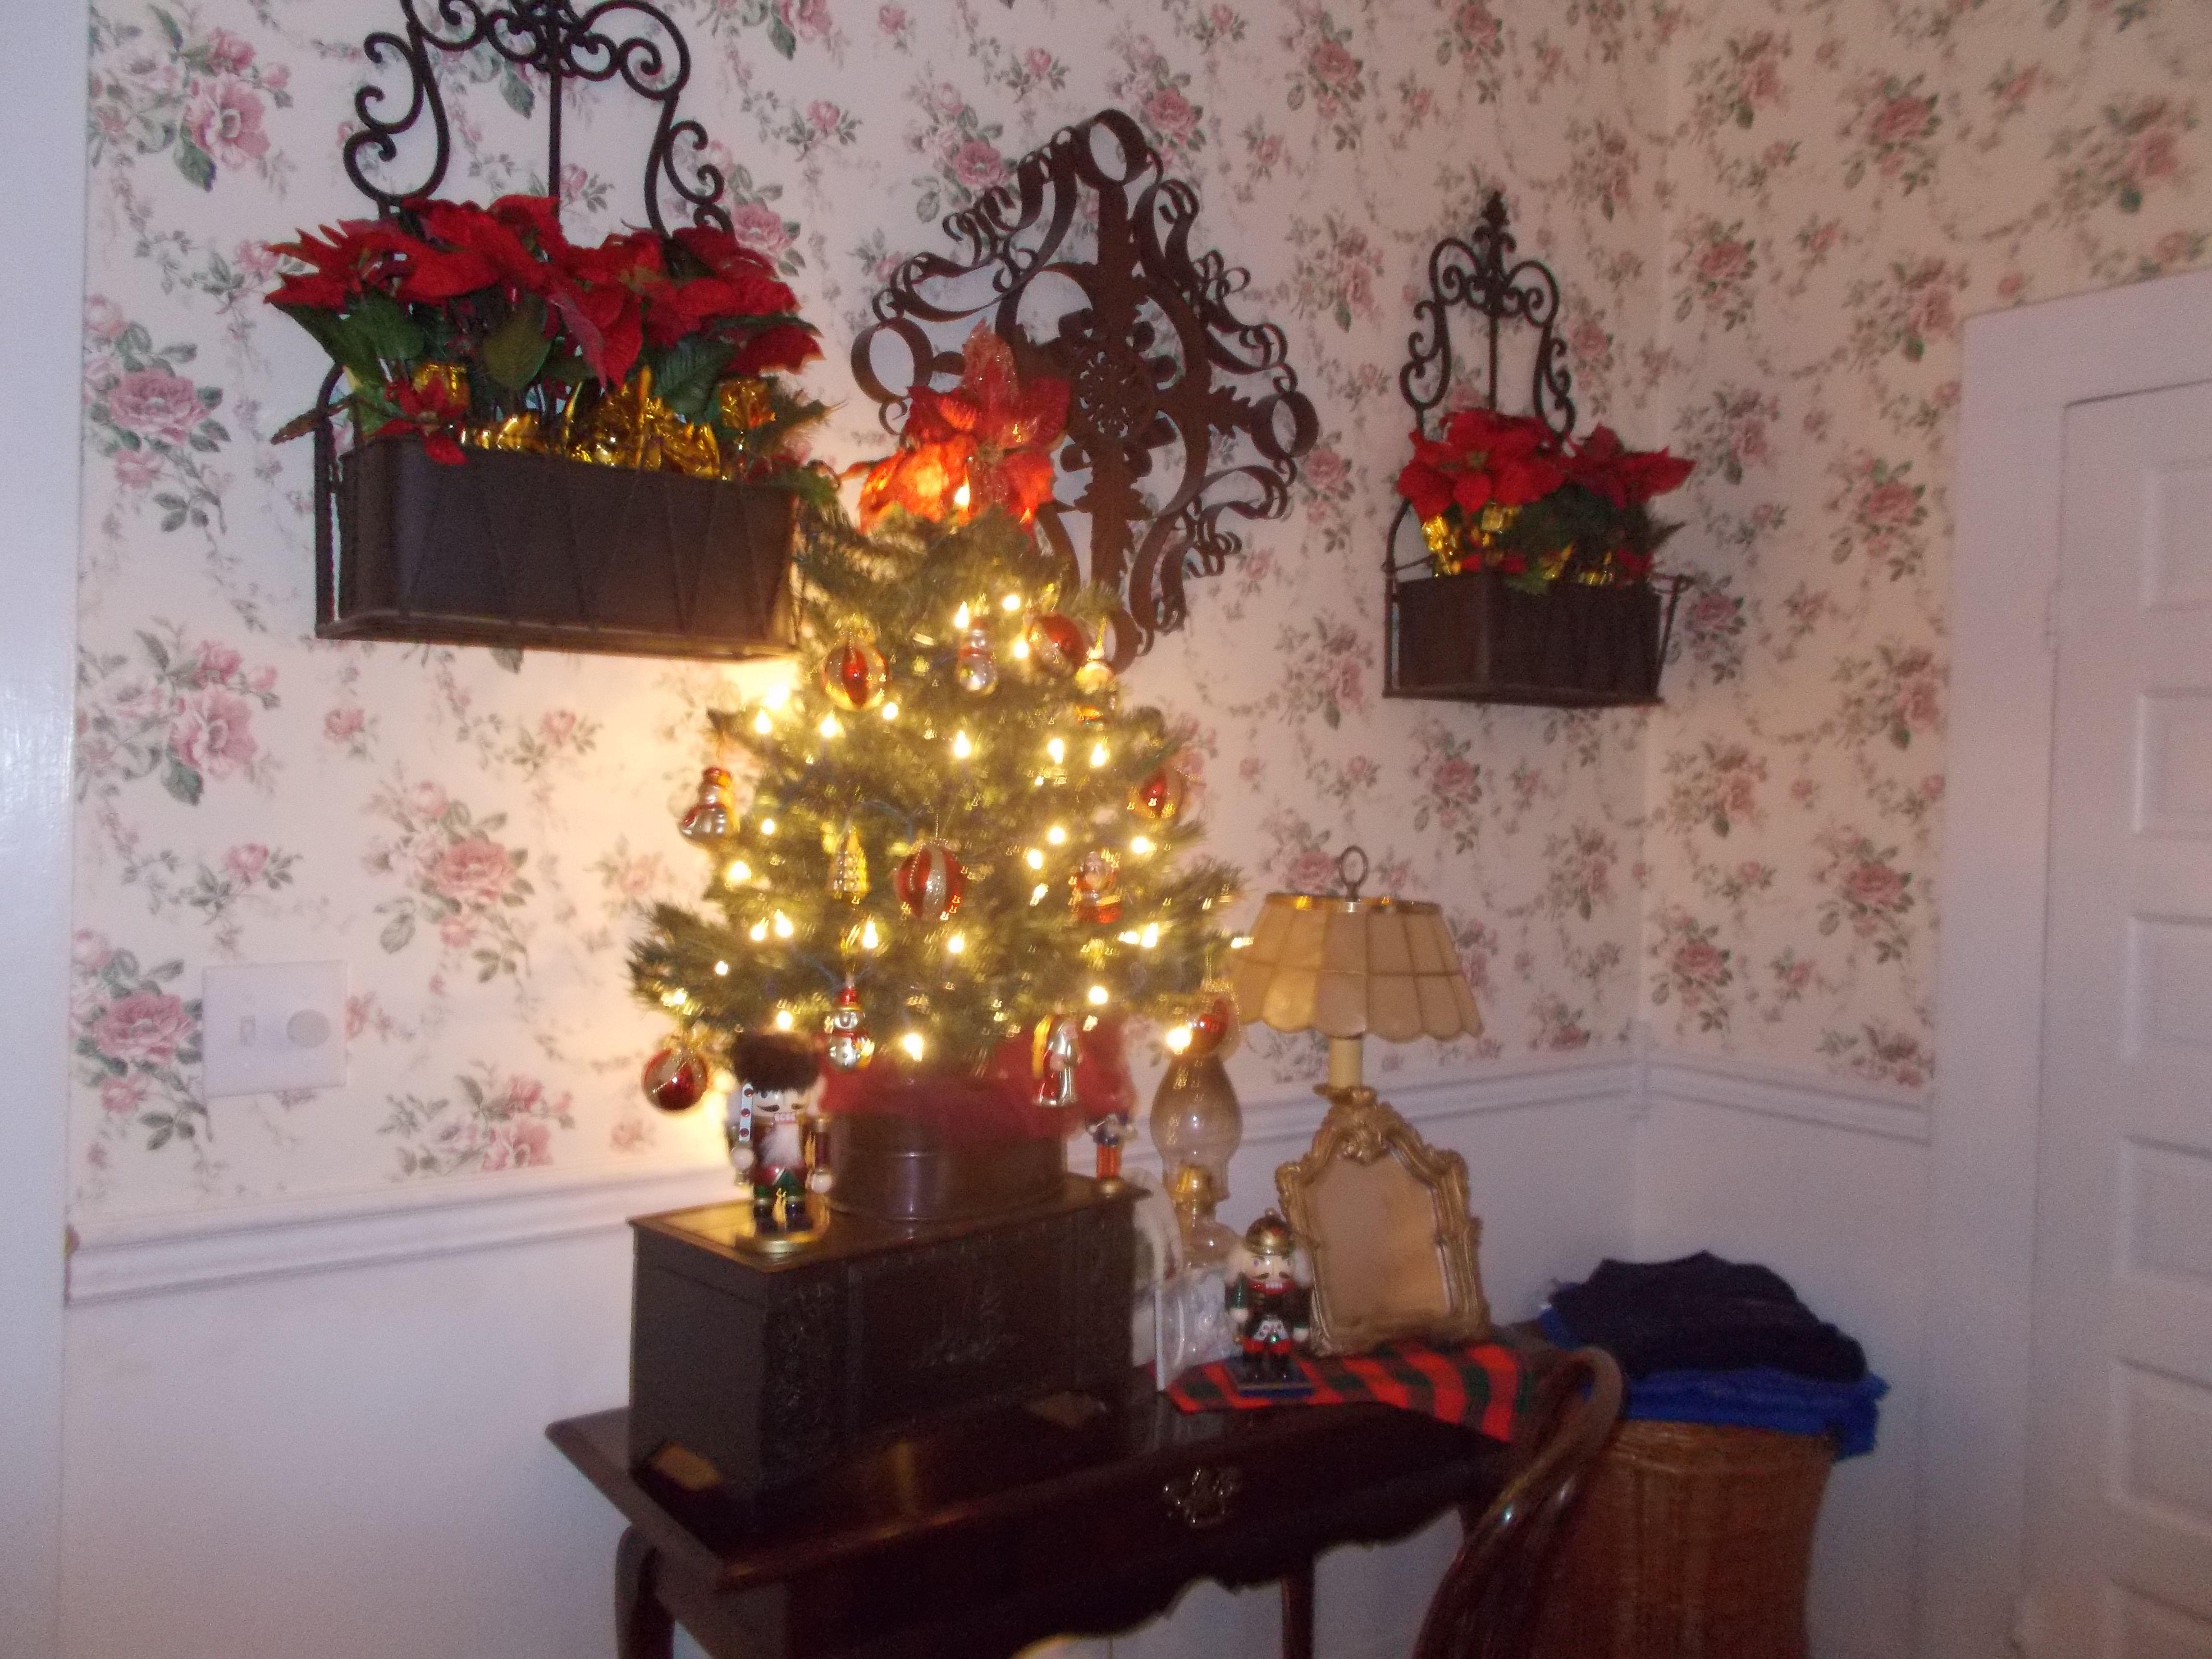 Christmas Bedrooms Christmas Bedroom Holiday Decor Christmas